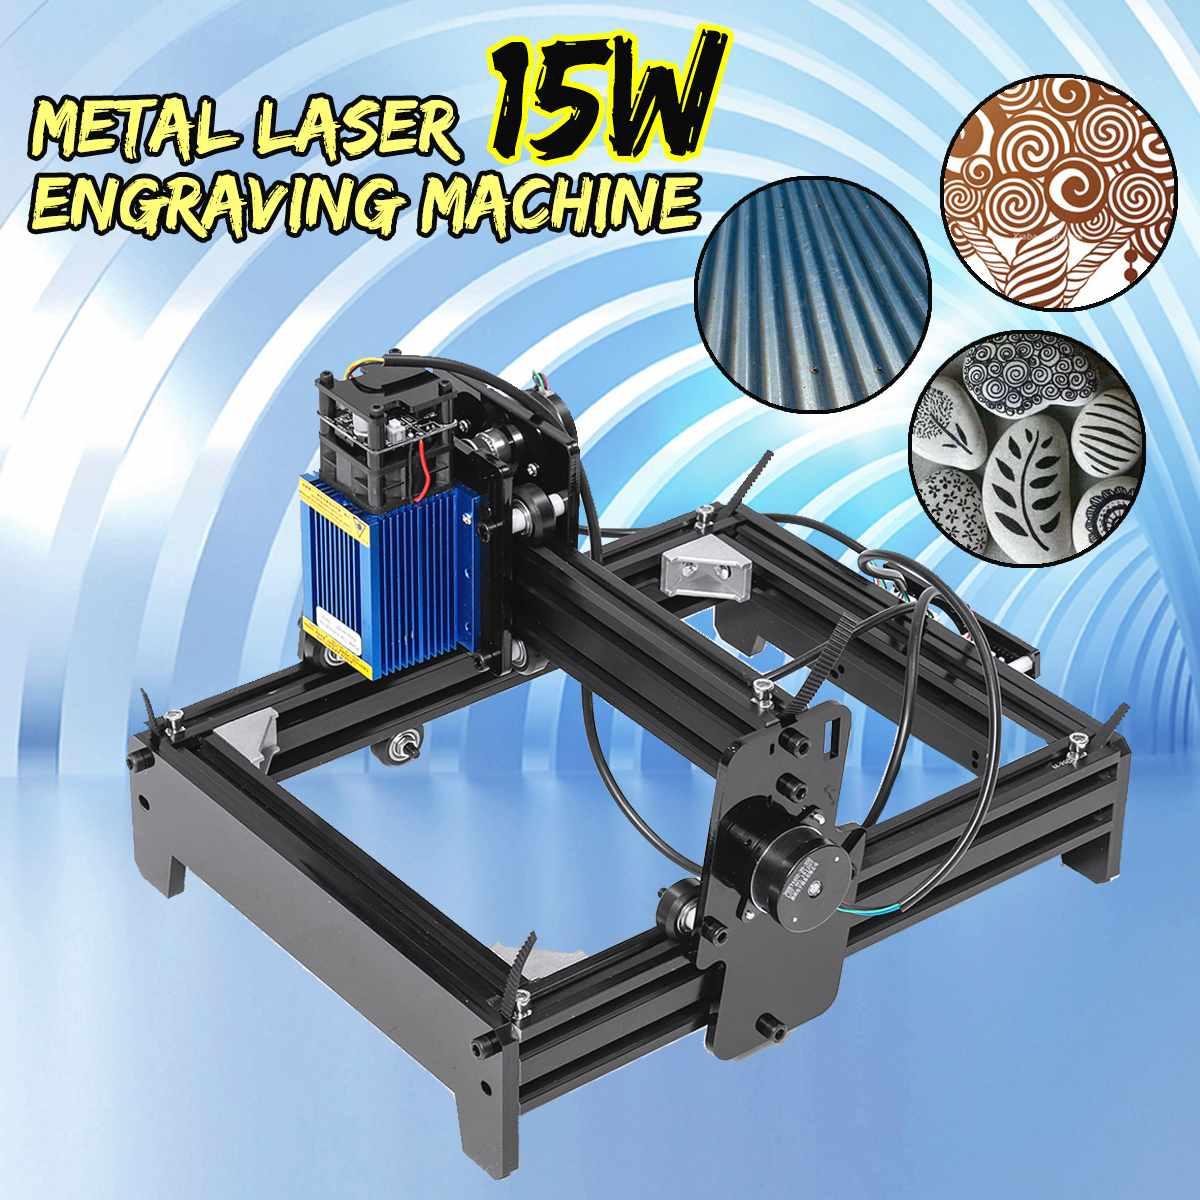 10 W/12 W/15 W 15000 mW Alta Precisão Máquina de Gravação A Laser de Metal Marcação Gravura de Madeira Casa logotipo DIY Impressora de Cortador de Madeira Router